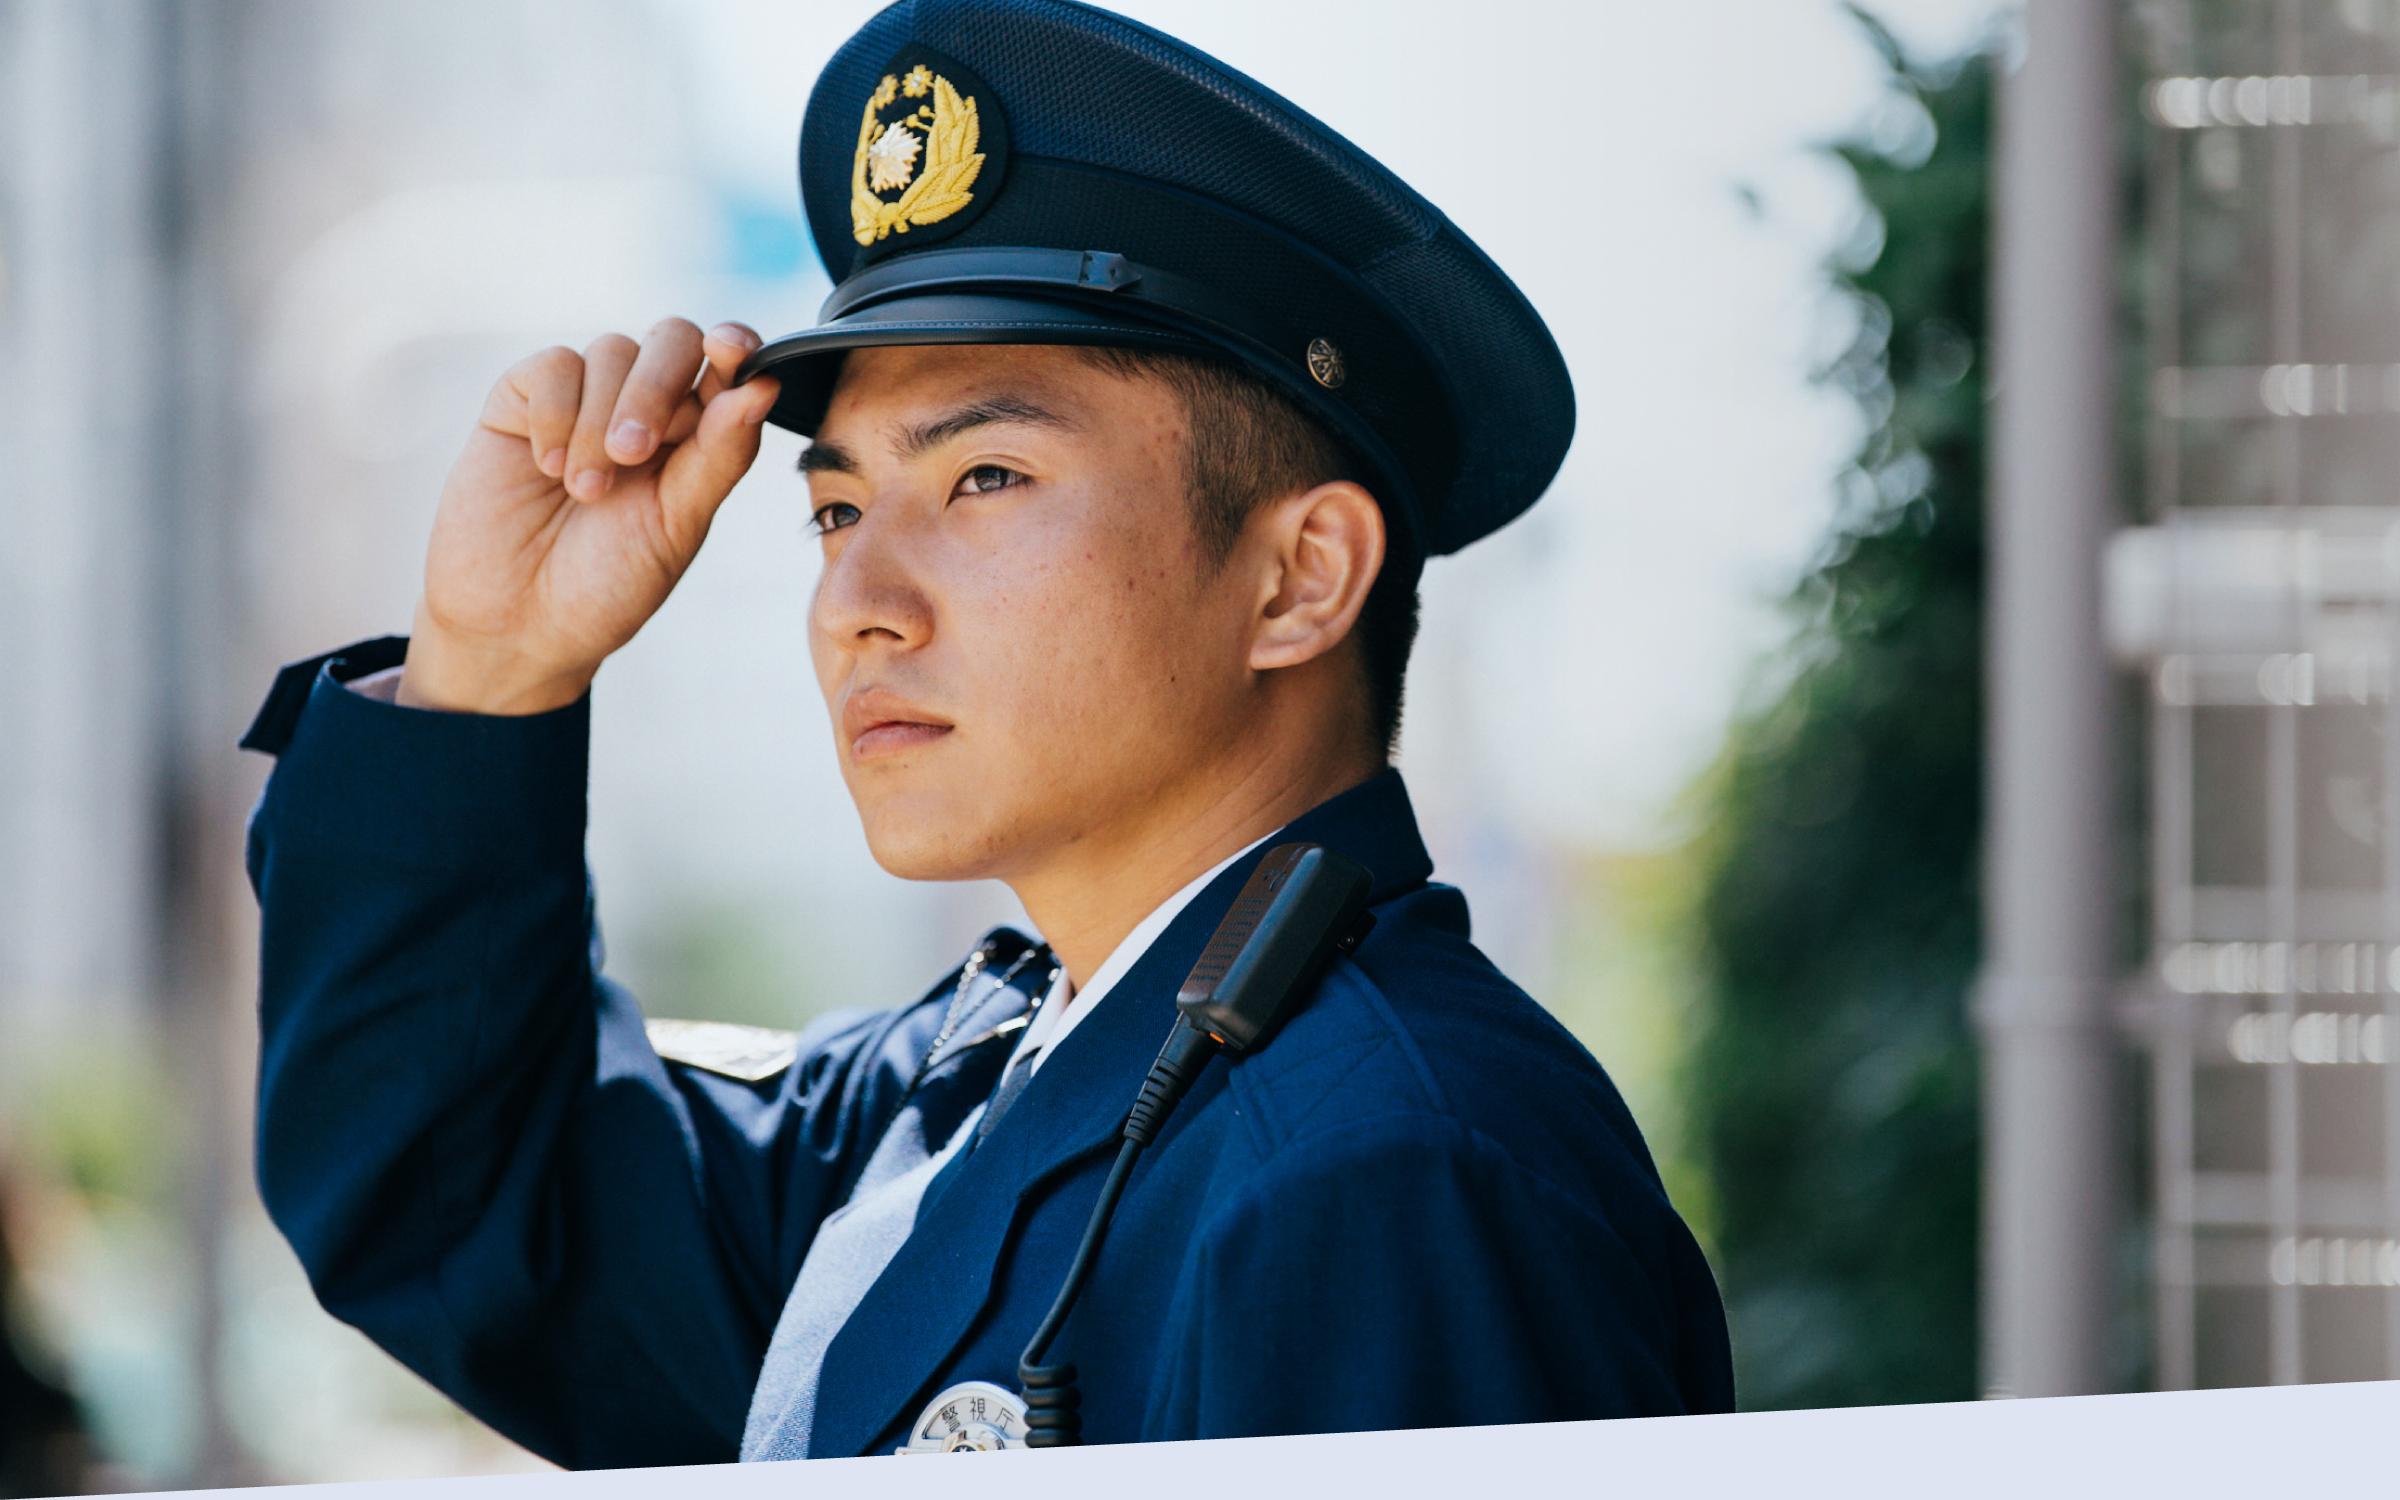 AR活用の2020年度採用パンフレットを警視庁が配布!若手警察官が出演するAR動画を視聴できる